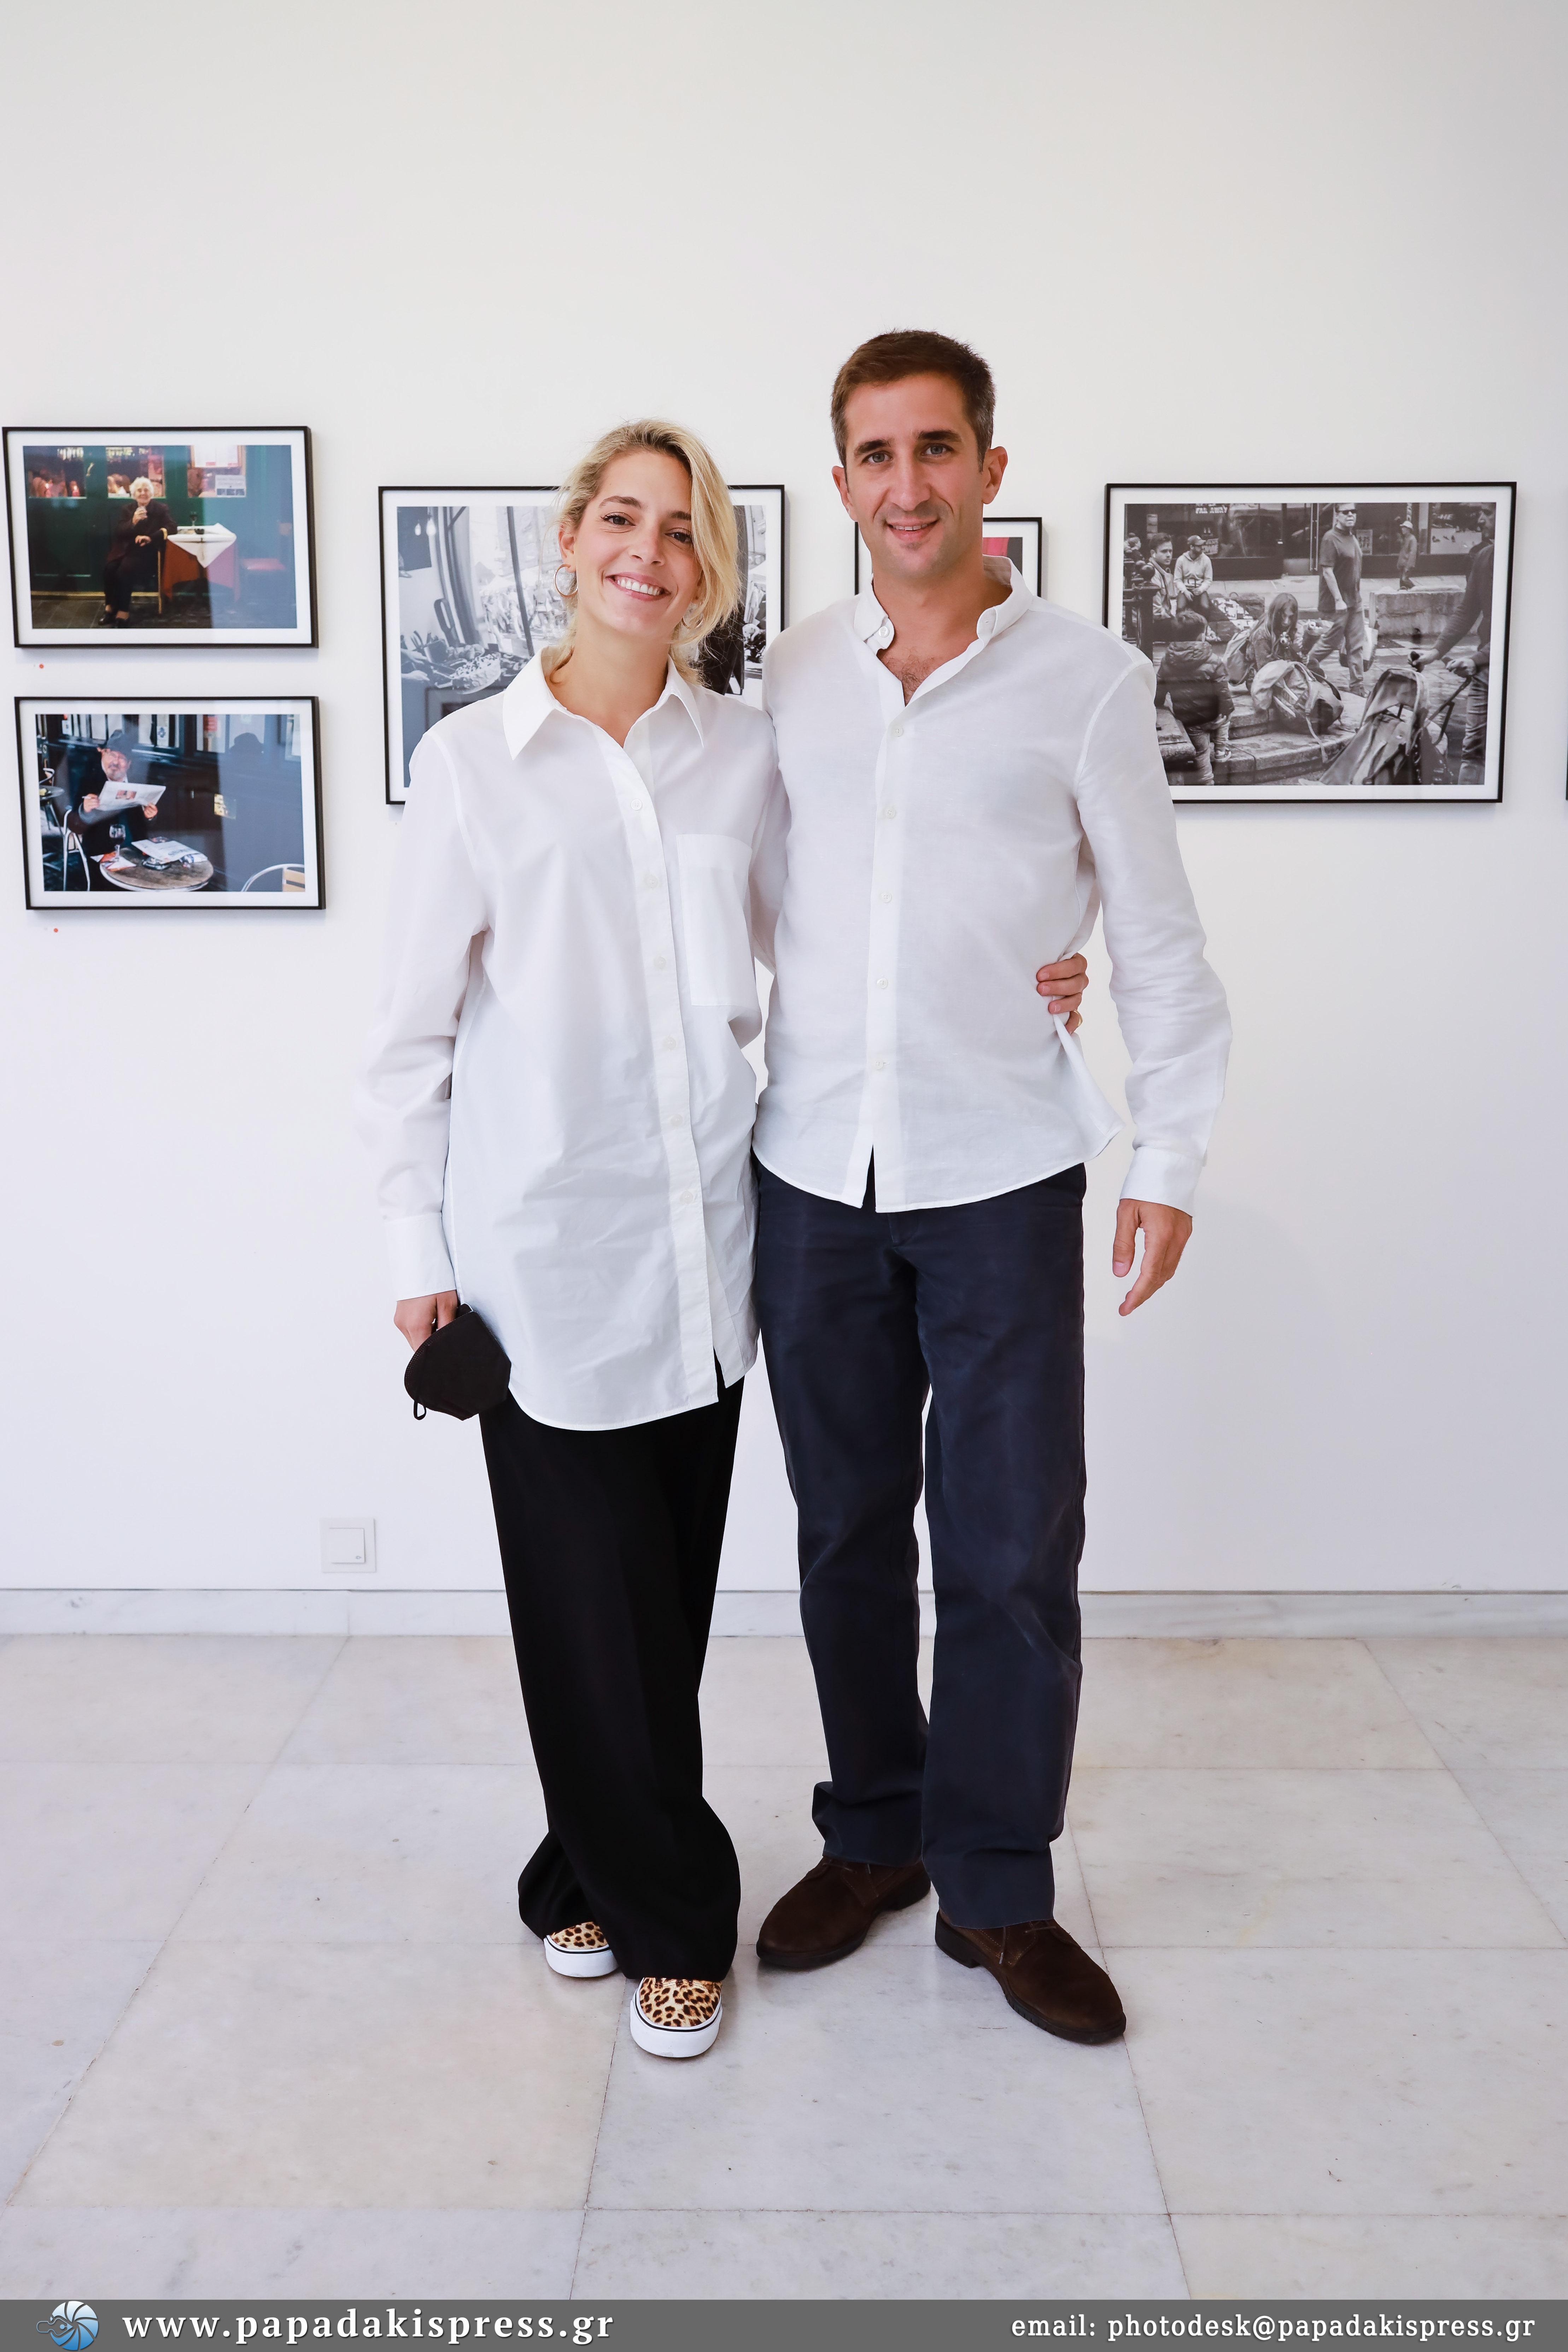 Εγκαίνια της έκθεσης φωτογραφίας «Νόστος & Άλγος» @Γκαλερί Ζουμπουλάκη 15